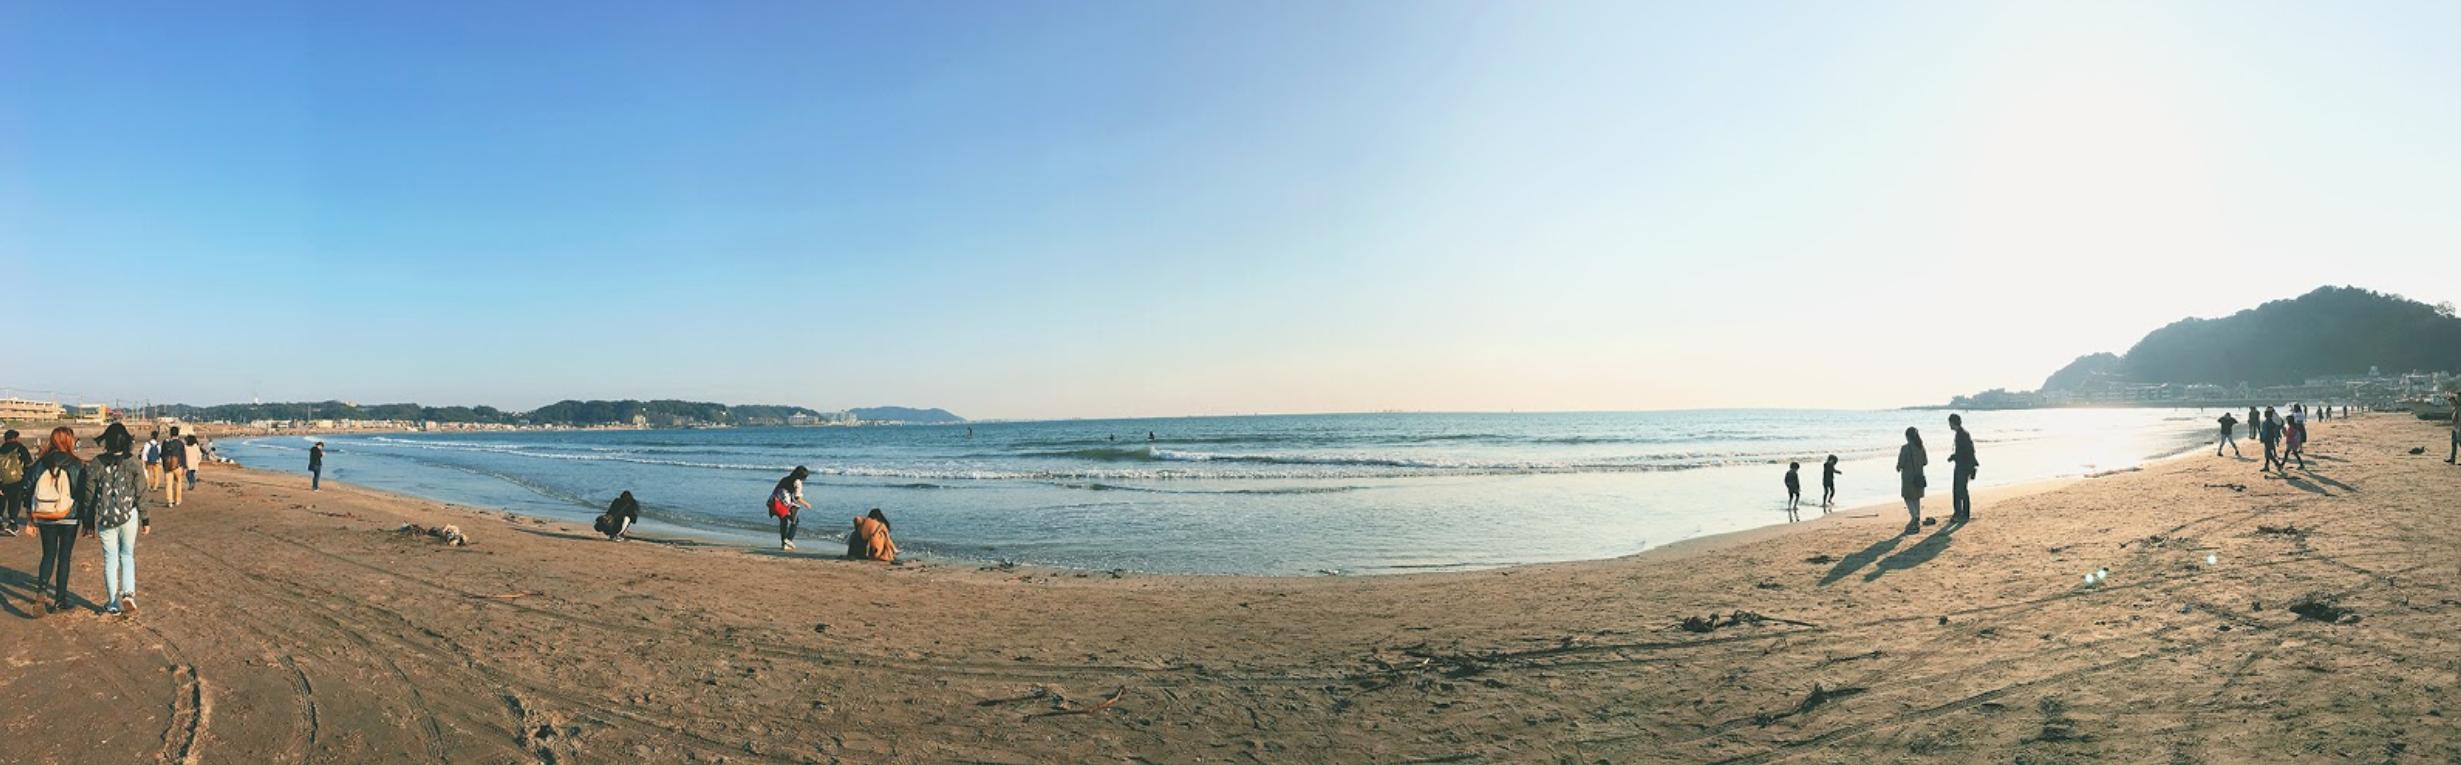 Kamakura Fieldwork